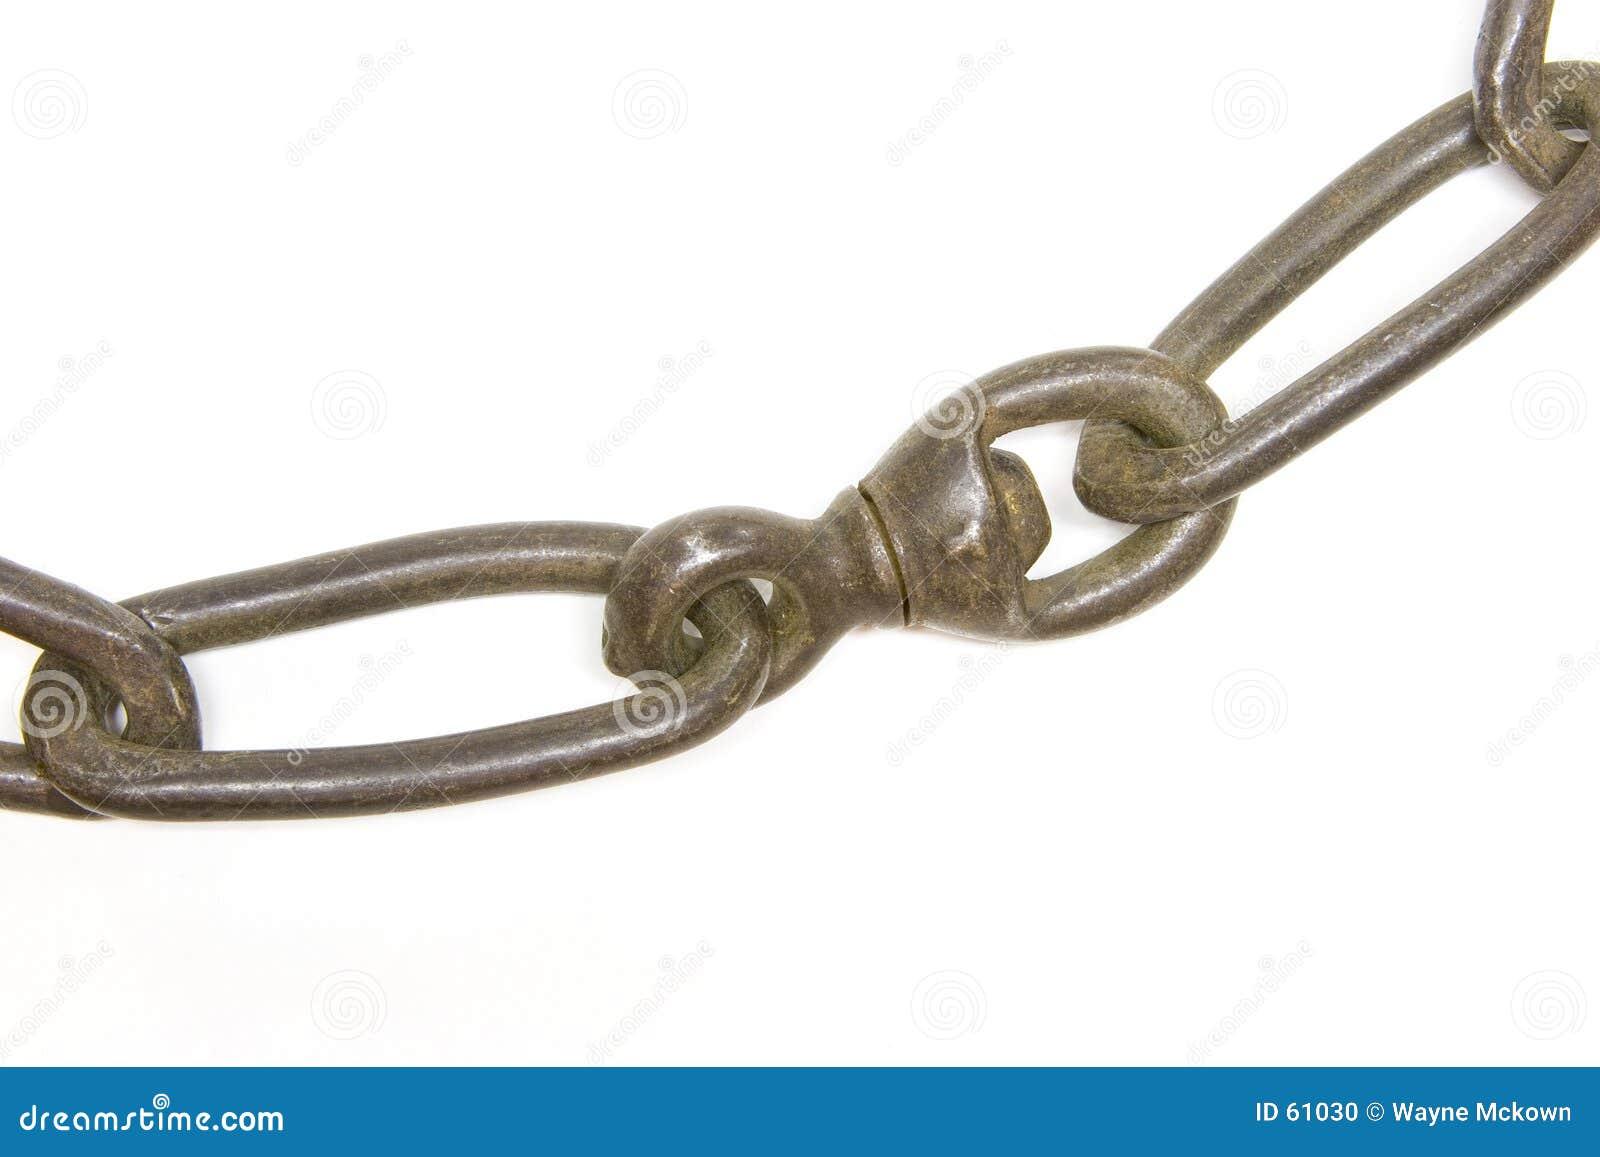 De ketting verbindt 2 met elkaar